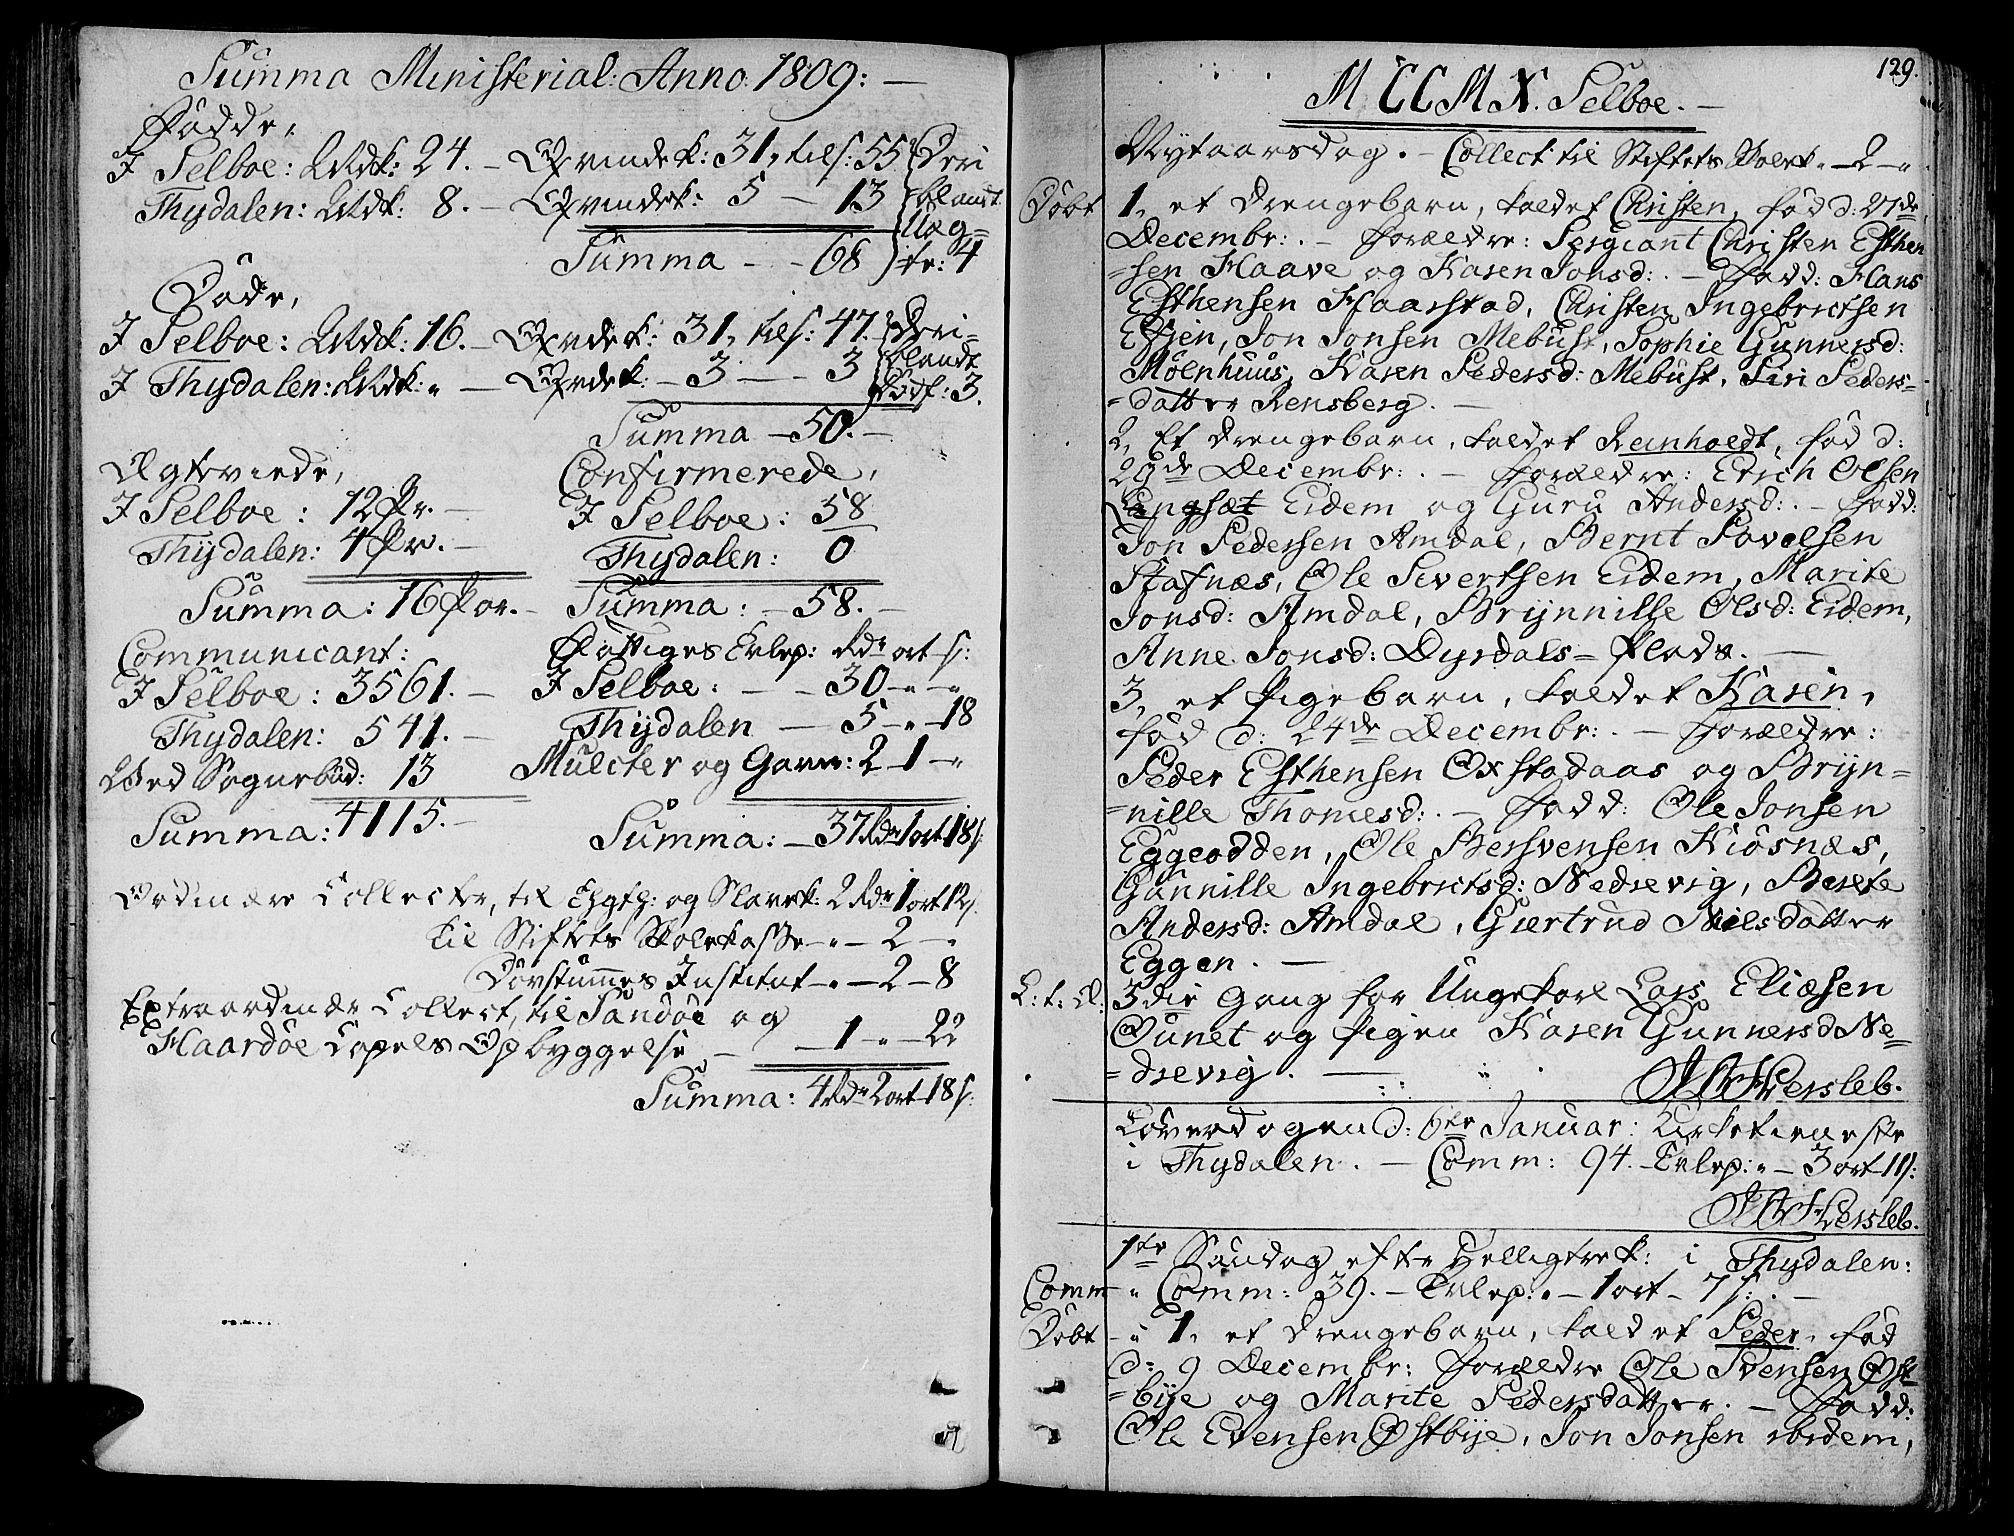 SAT, Ministerialprotokoller, klokkerbøker og fødselsregistre - Sør-Trøndelag, 695/L1140: Ministerialbok nr. 695A03, 1801-1815, s. 129